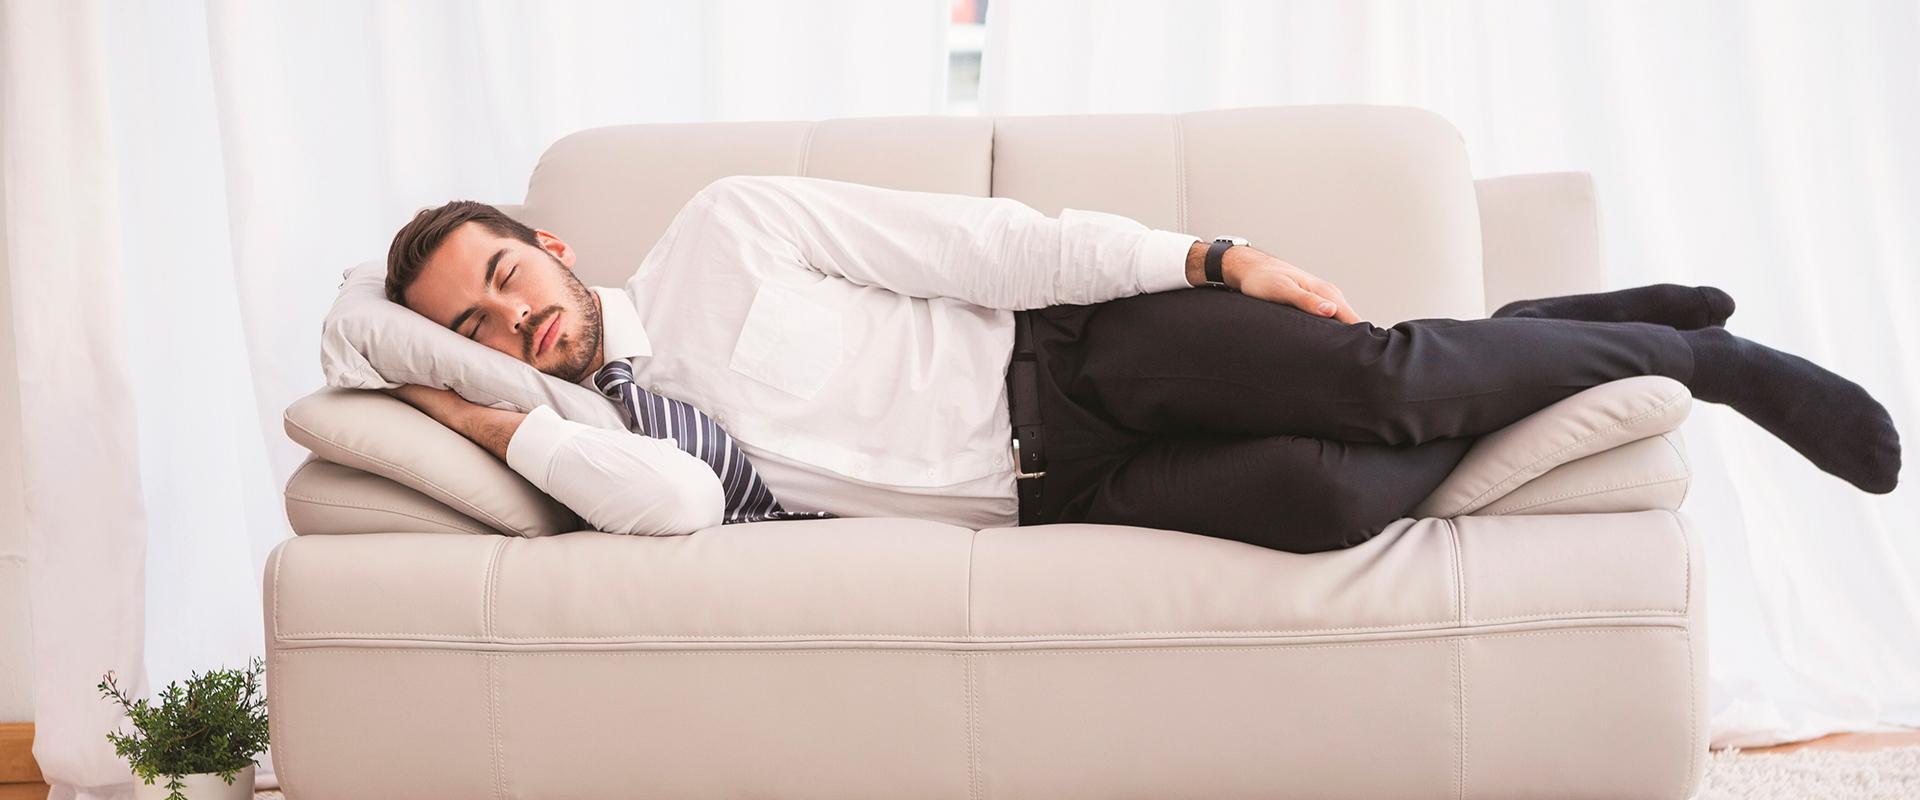 Hipnomanía: el deseo incontrolable de dormir